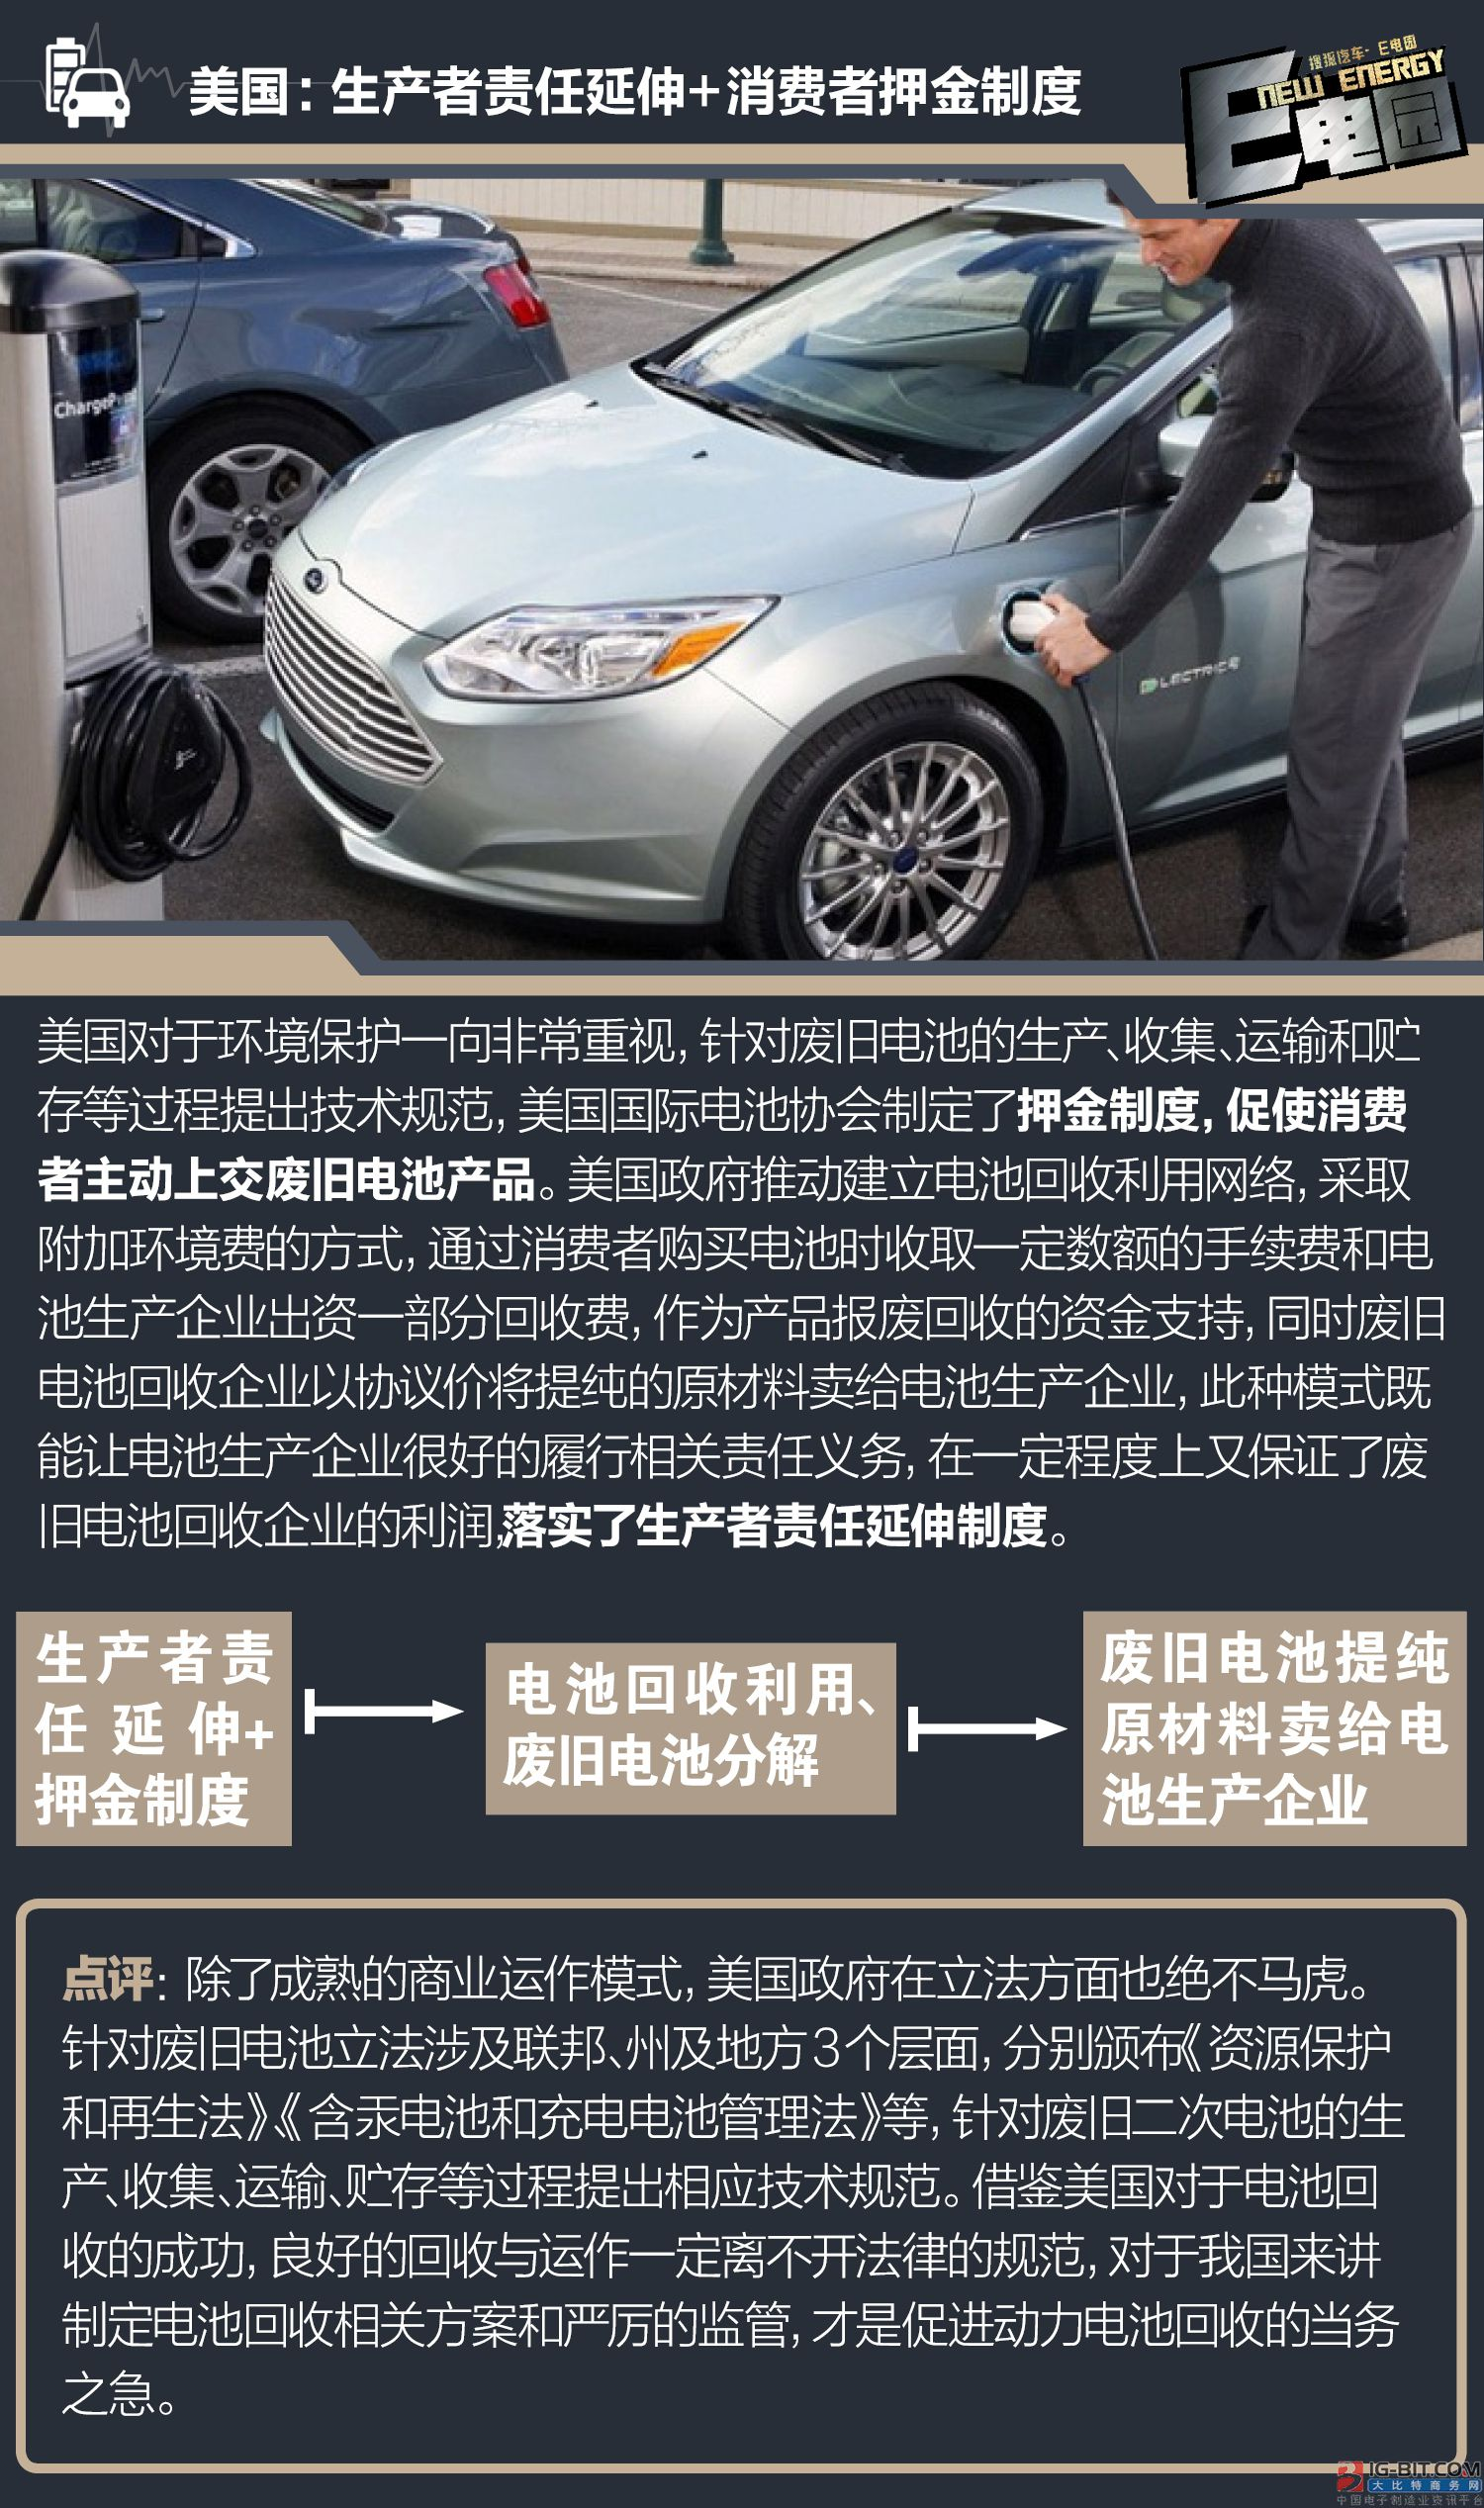 中国首批电动汽车进入置换期,废旧电池何去何从?